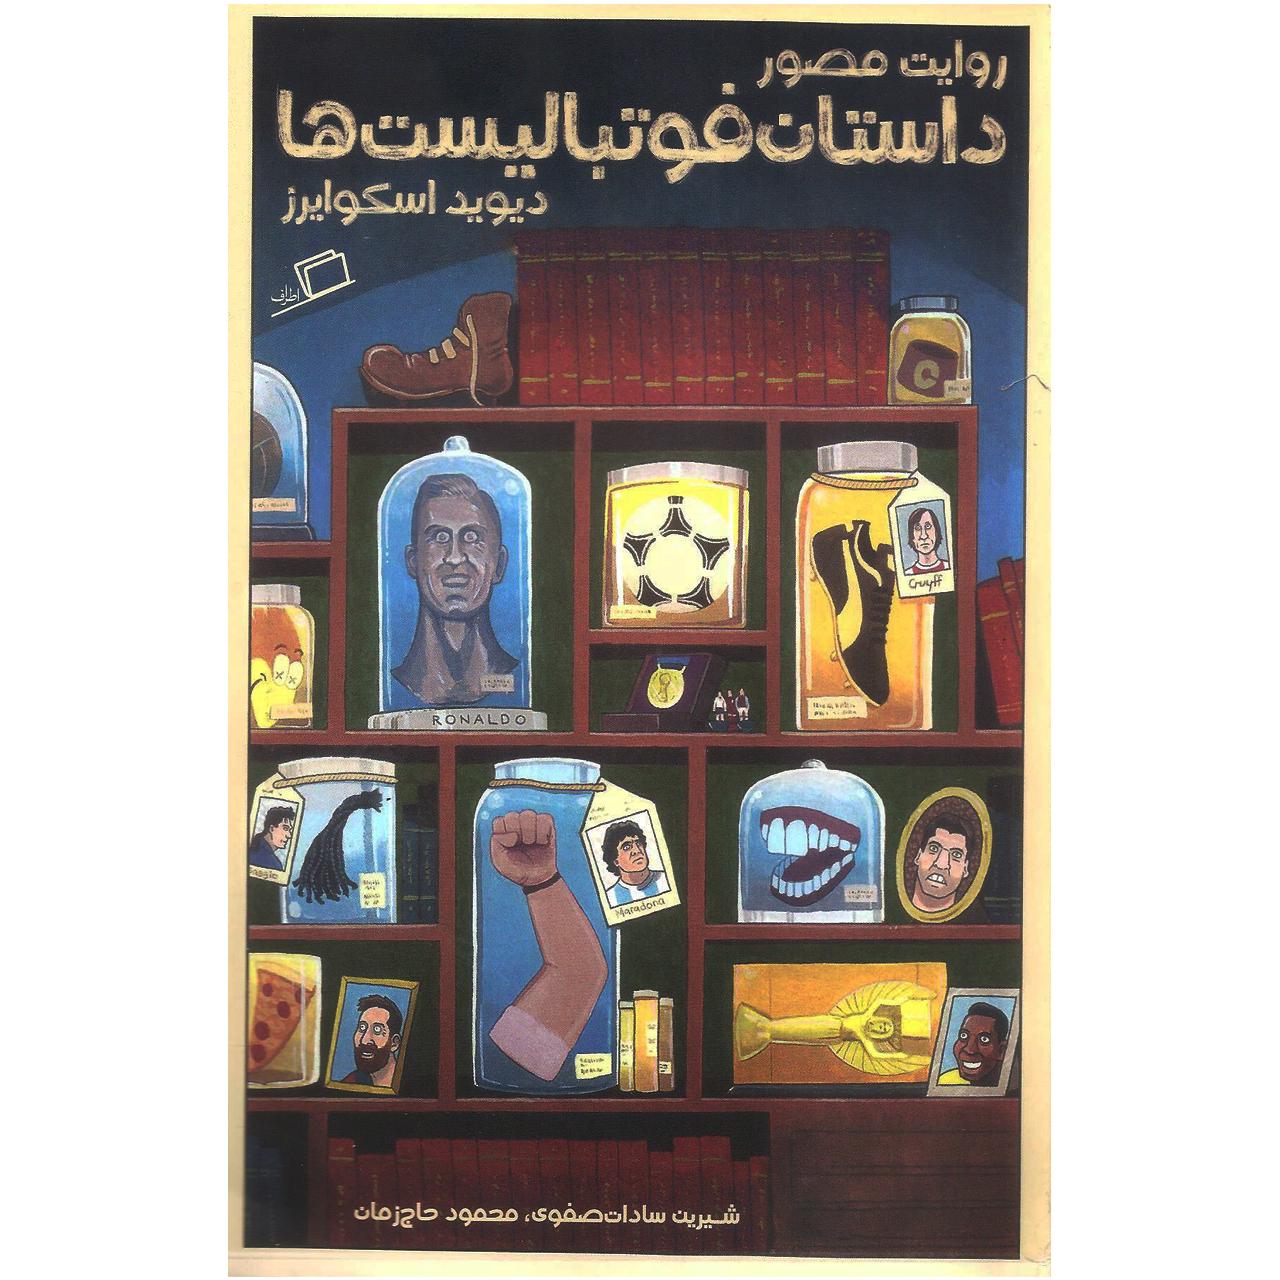 خرید                      کتاب داستان فوتبالیست ها اثر دیوید اسکوایرز نشر اطراف